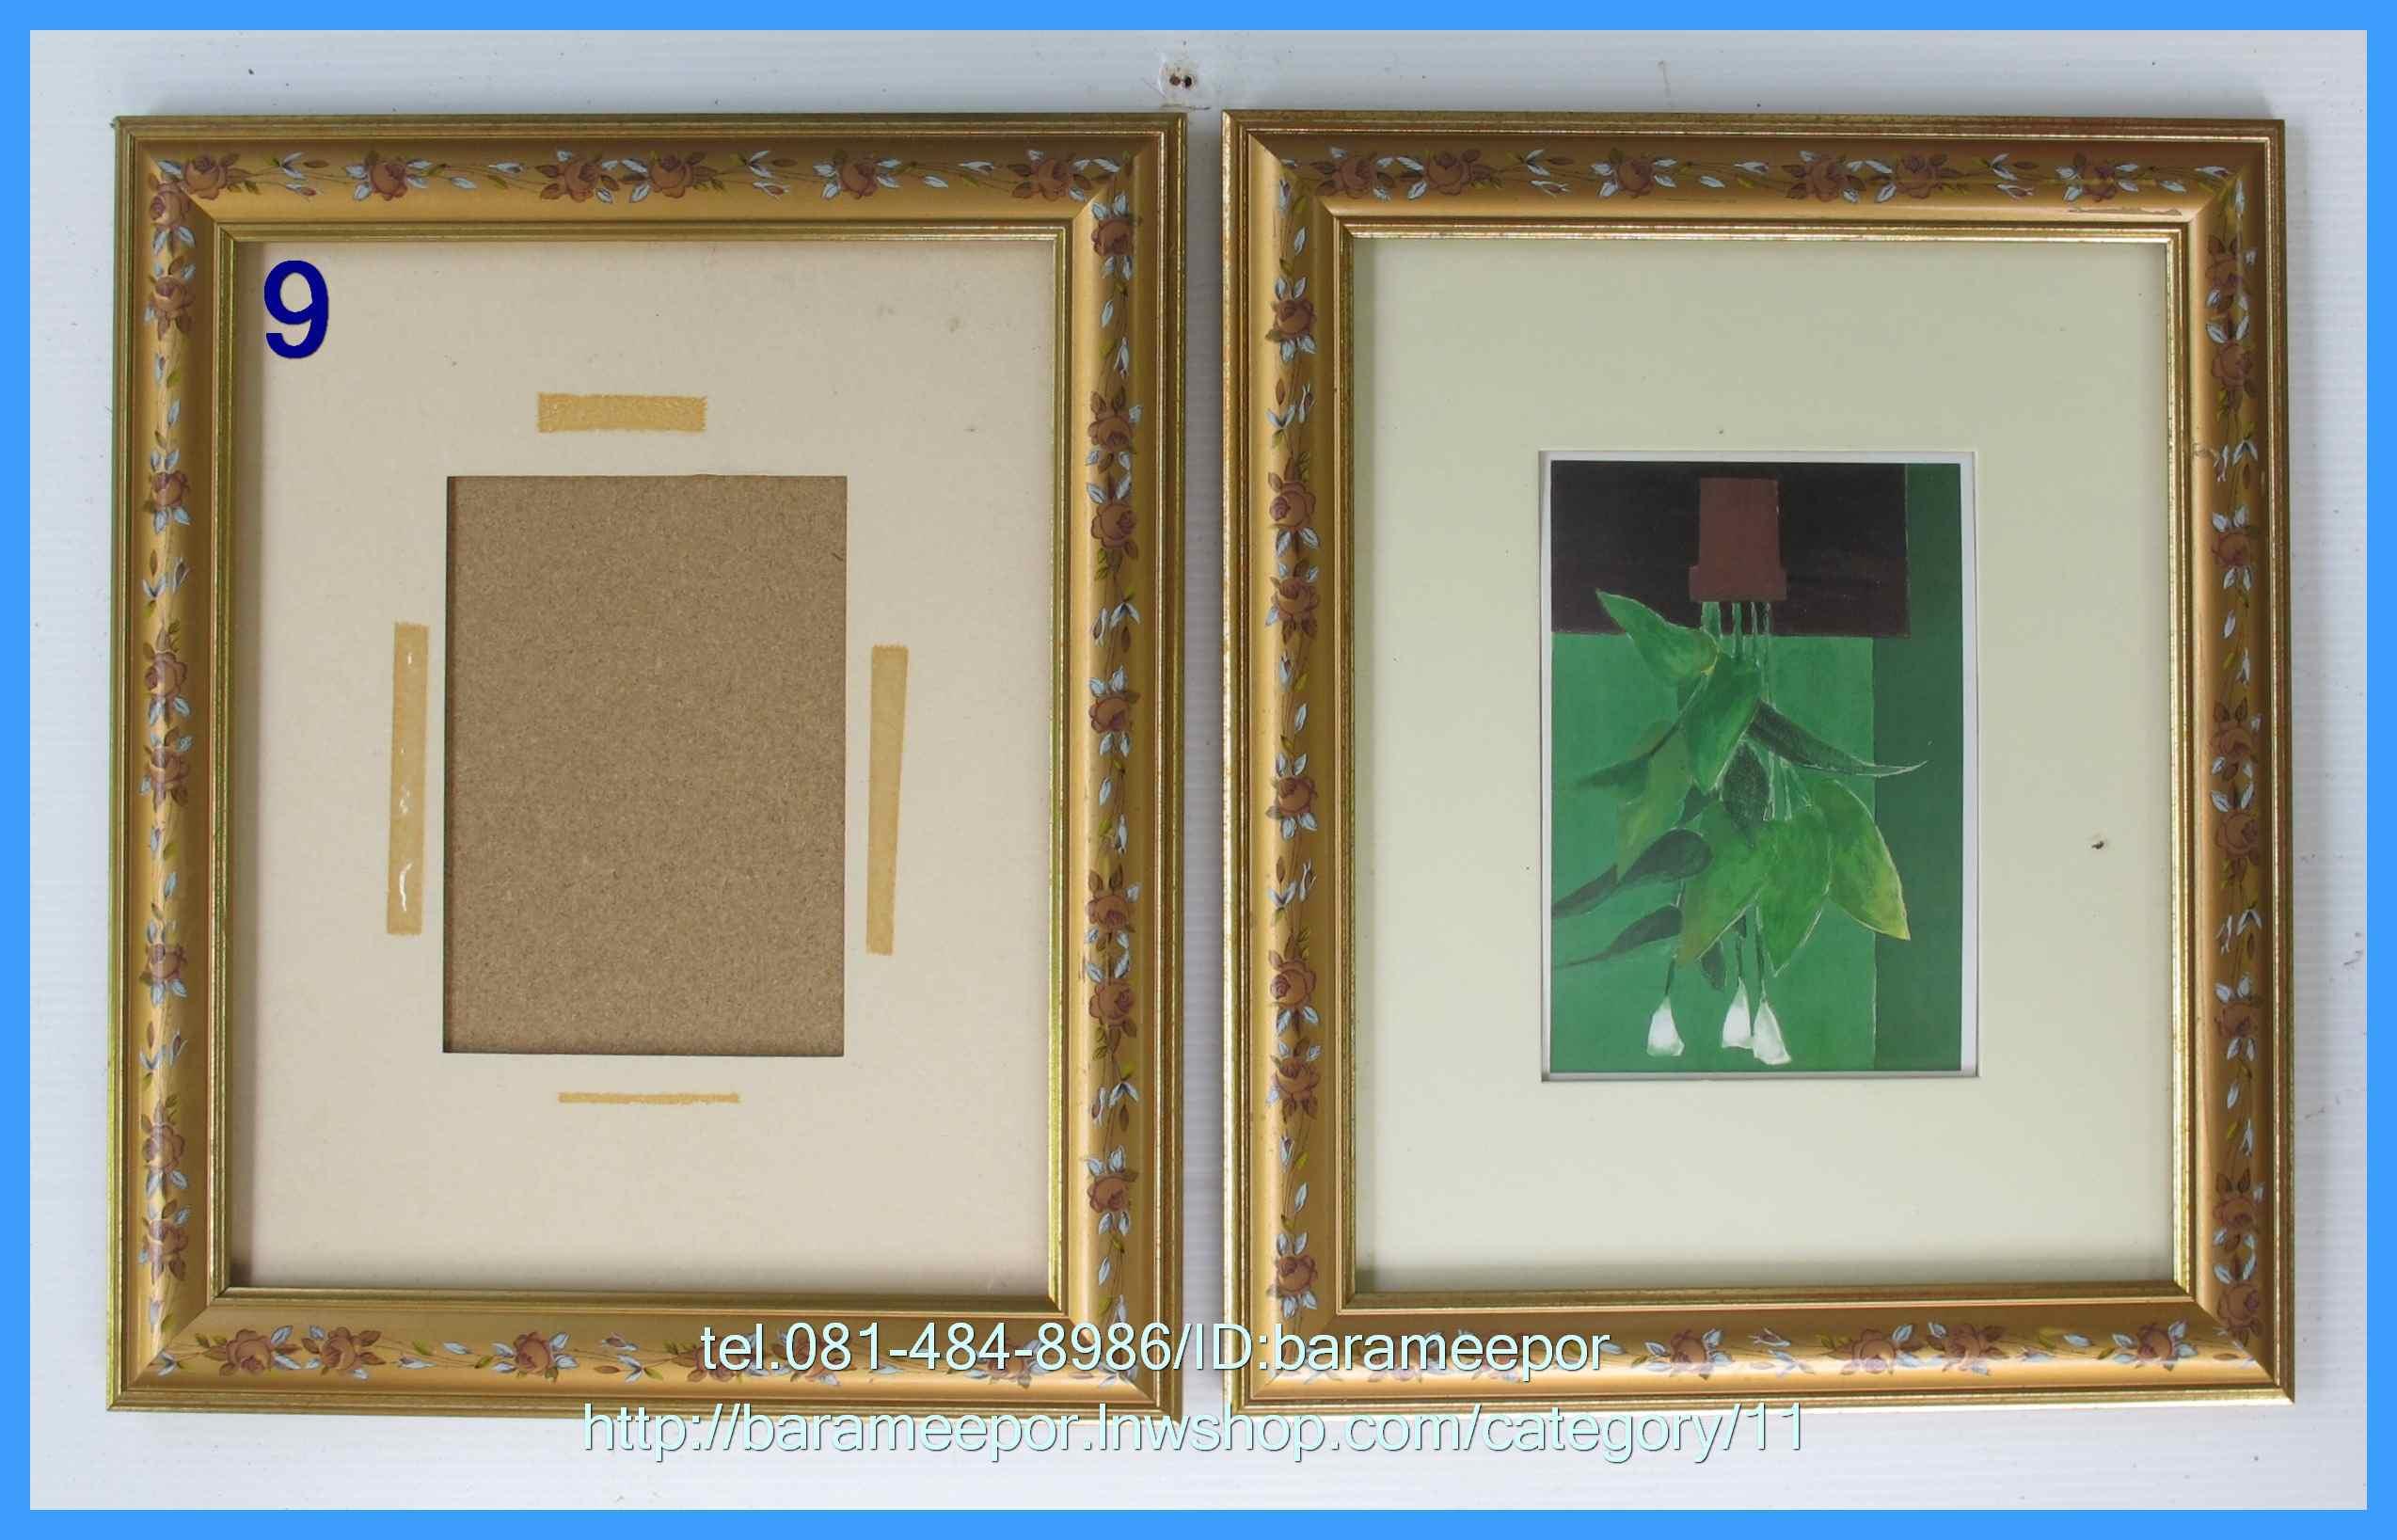 กรอบรูปสีทองลายดอกไม้ ขนาดกรอบนอก 10x12 นิ้ว / ใส่ภาพขนาด 7.5x9.5 นิ้ว